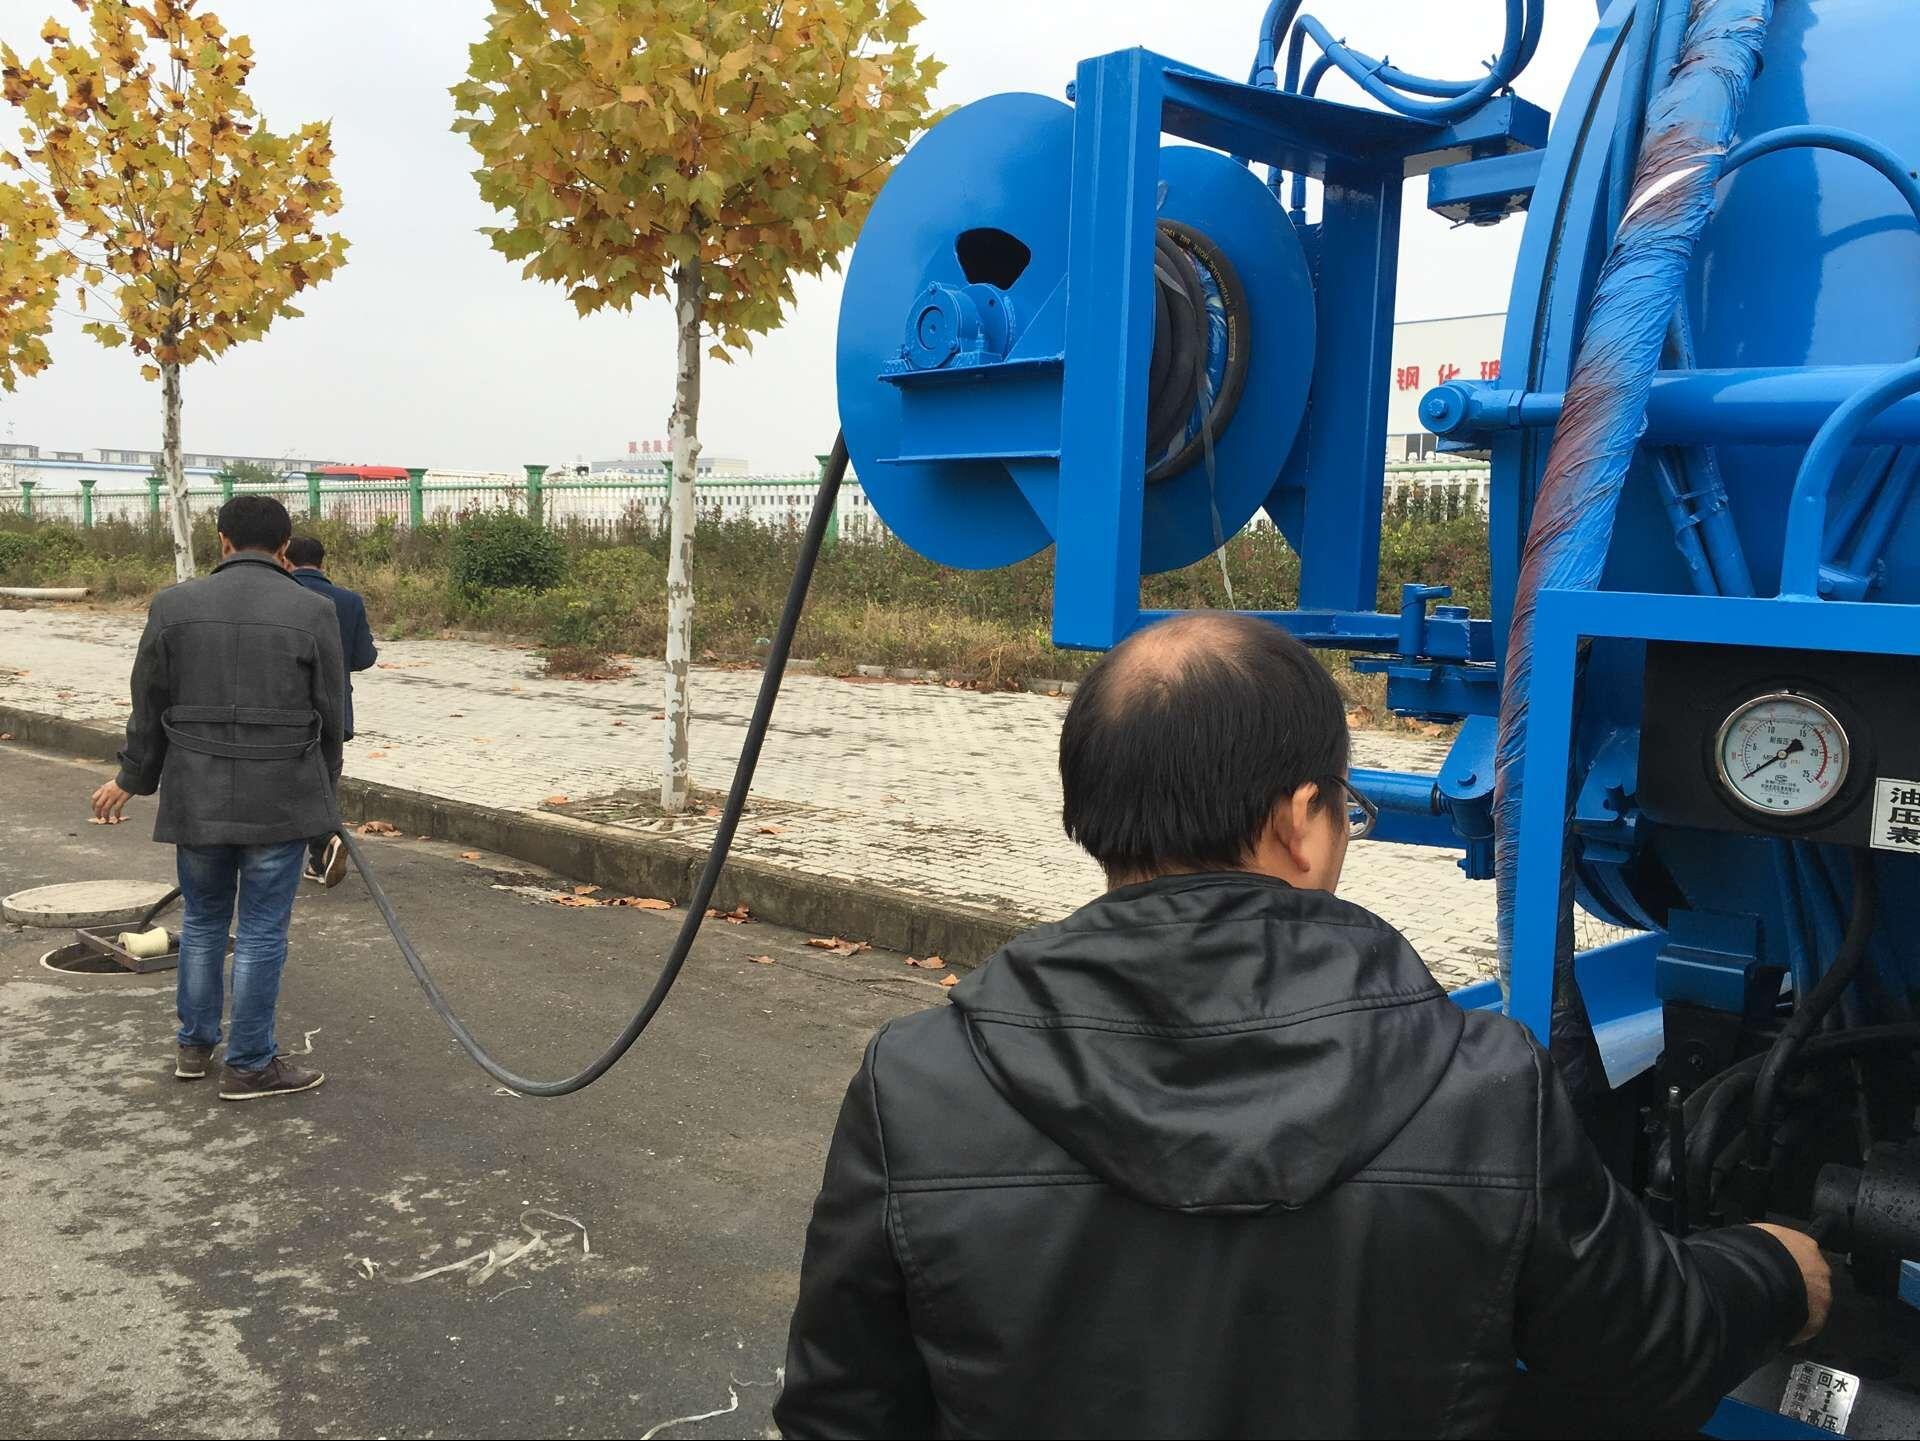 藍牌東風清洗吸污車 (3)